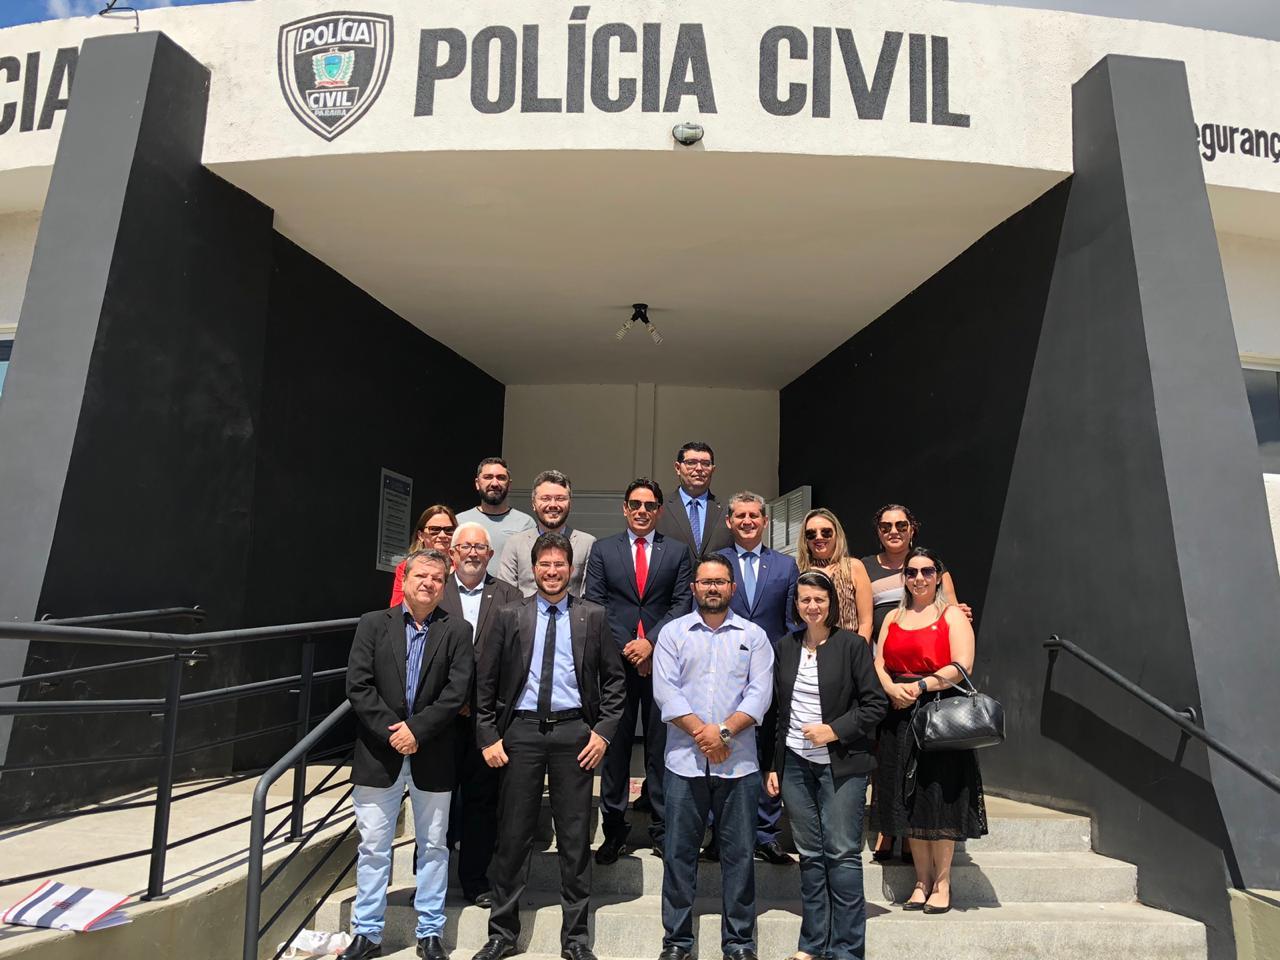 OAB-PB solicita instalação de Sala da Advocacia na nova Central de Polícia de Cajazeiras